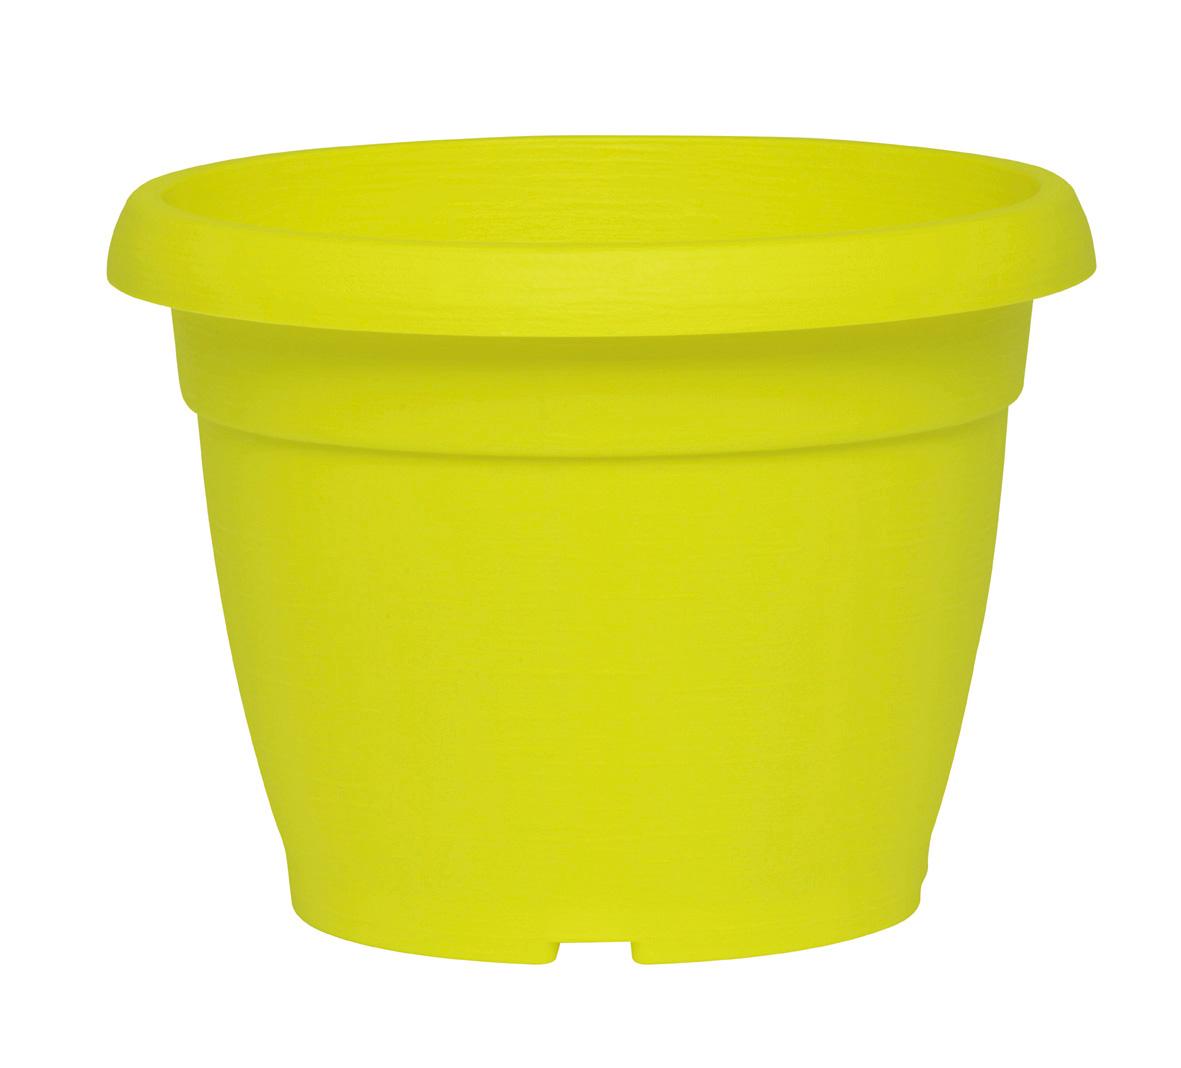 pot de fleurs jaune poterie pots de fleurs bacs boutique d coration et am nagement jardin. Black Bedroom Furniture Sets. Home Design Ideas